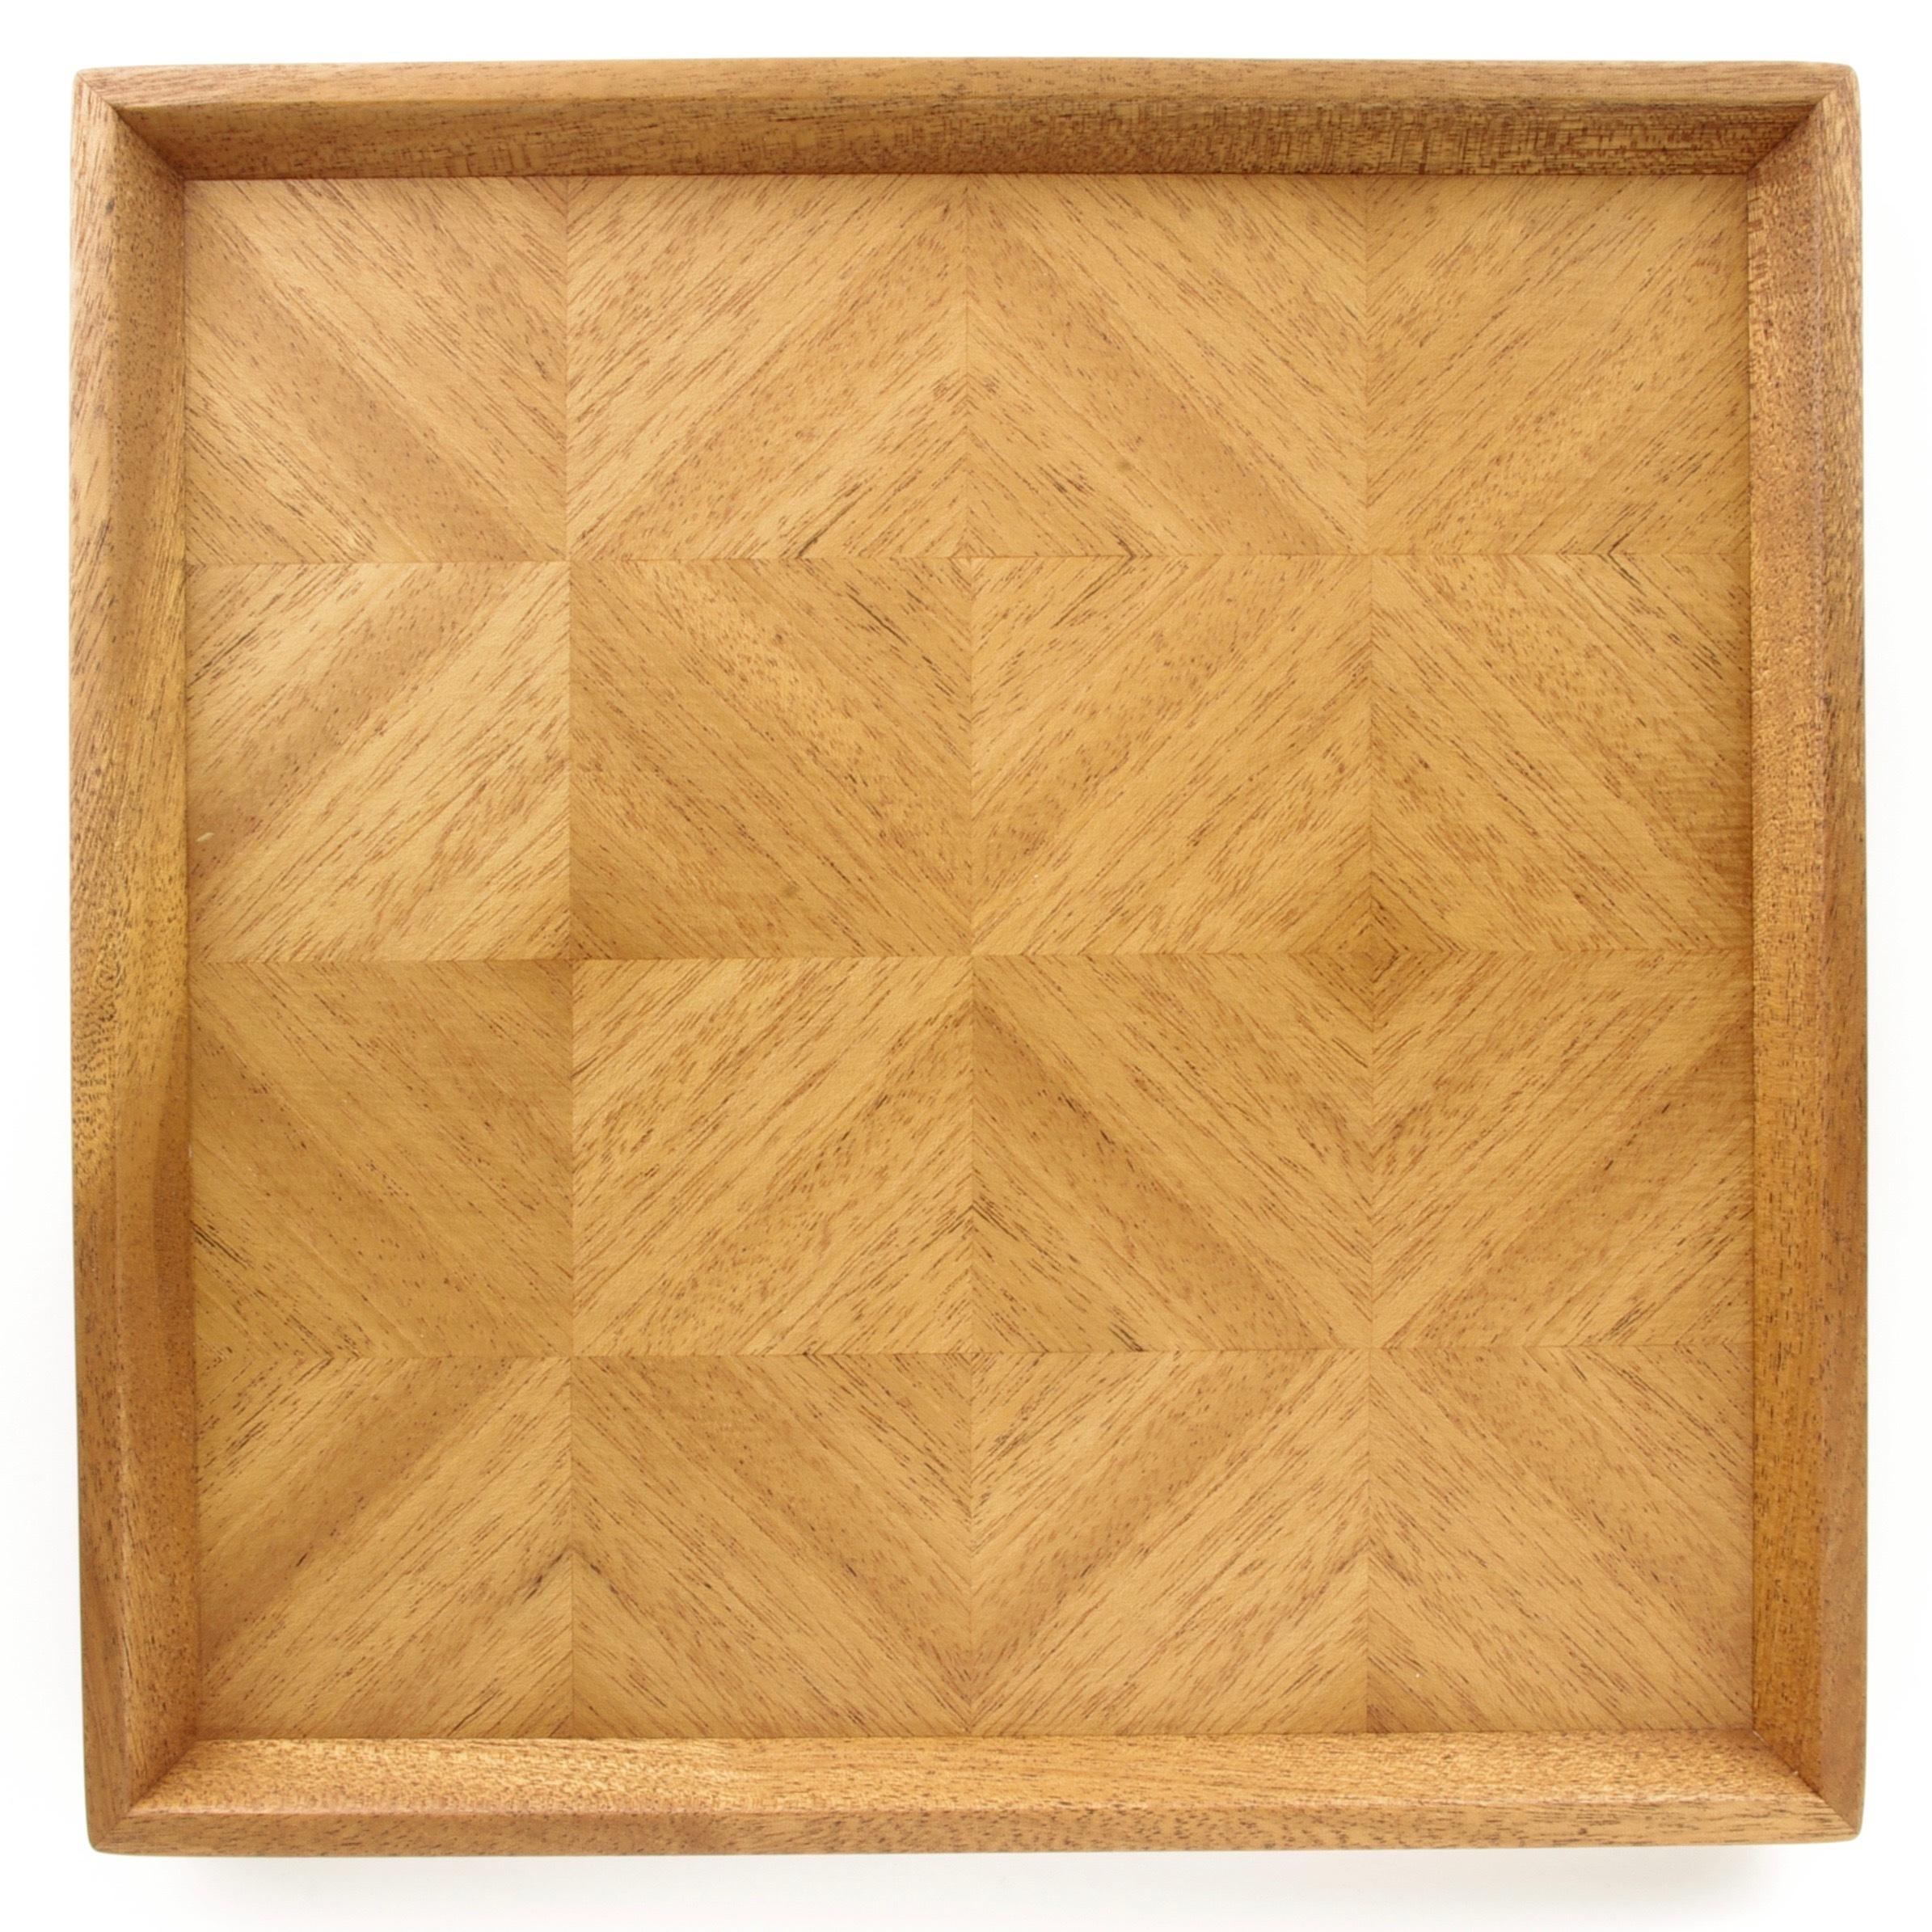 マホガニー 正方形のトレー 0021